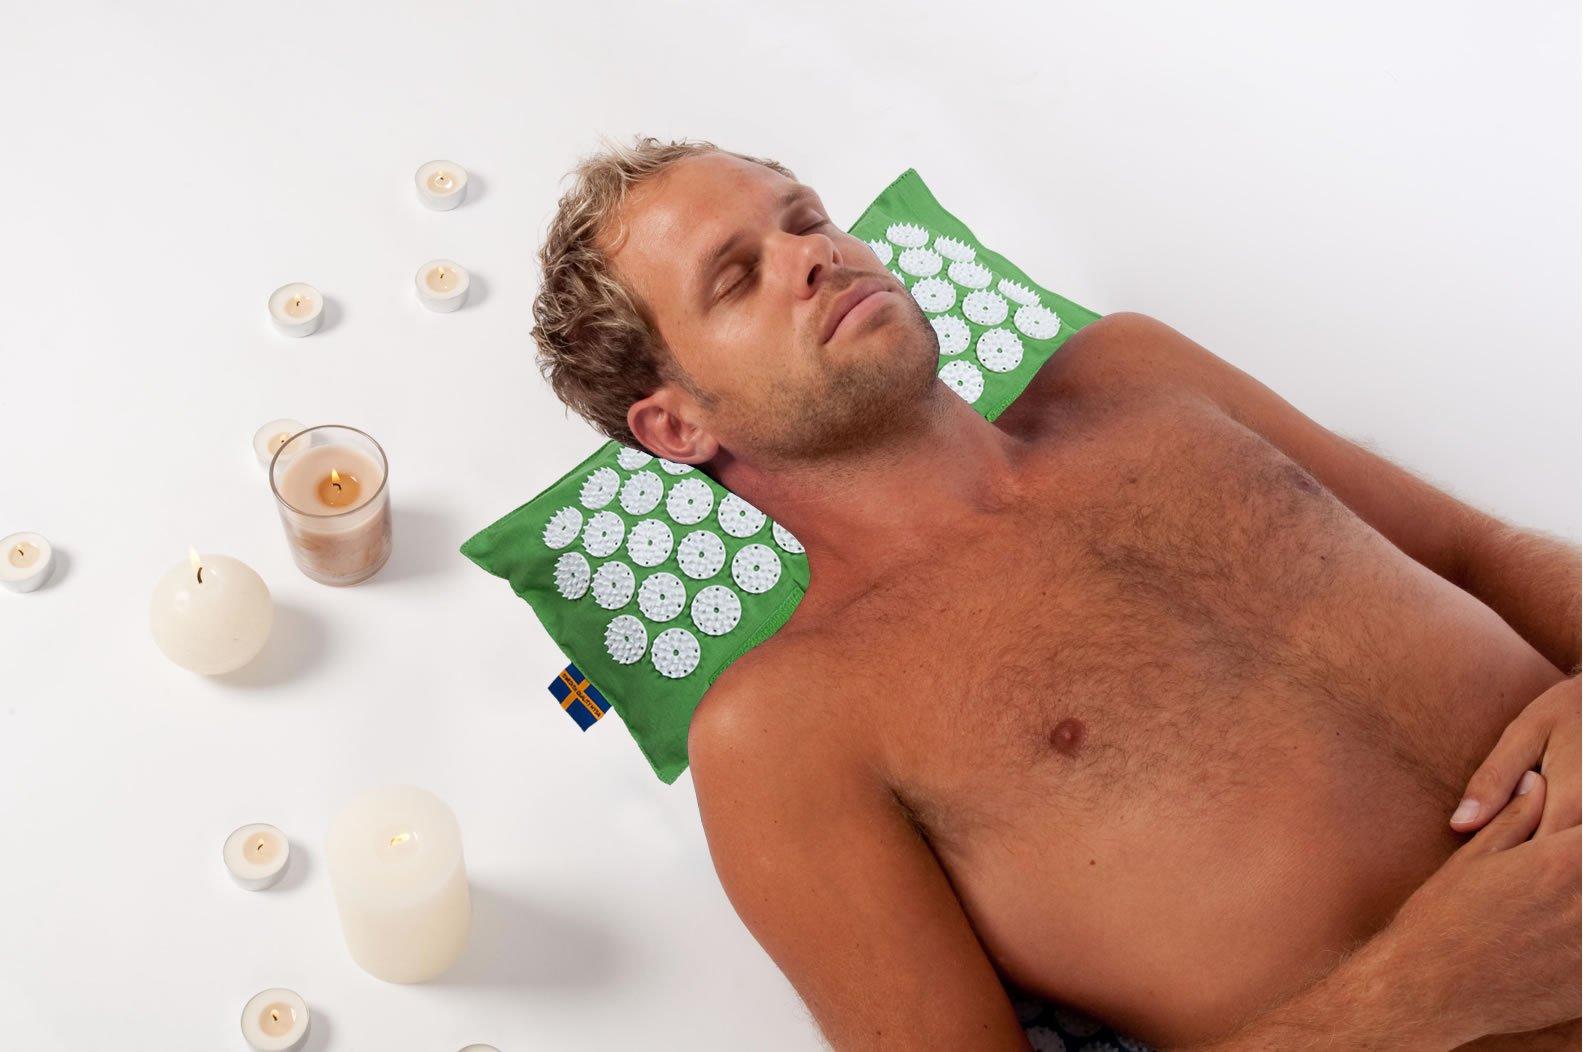 Cuscino Per La Cervicale Mysa.Termo Cuscino Per La Cervicale Mysa Con Micropunte Per Agopressione Il Miglior Cuscino Per Cervicalgia Al Mondo Scaldabile Con Pula Di Farro Bio